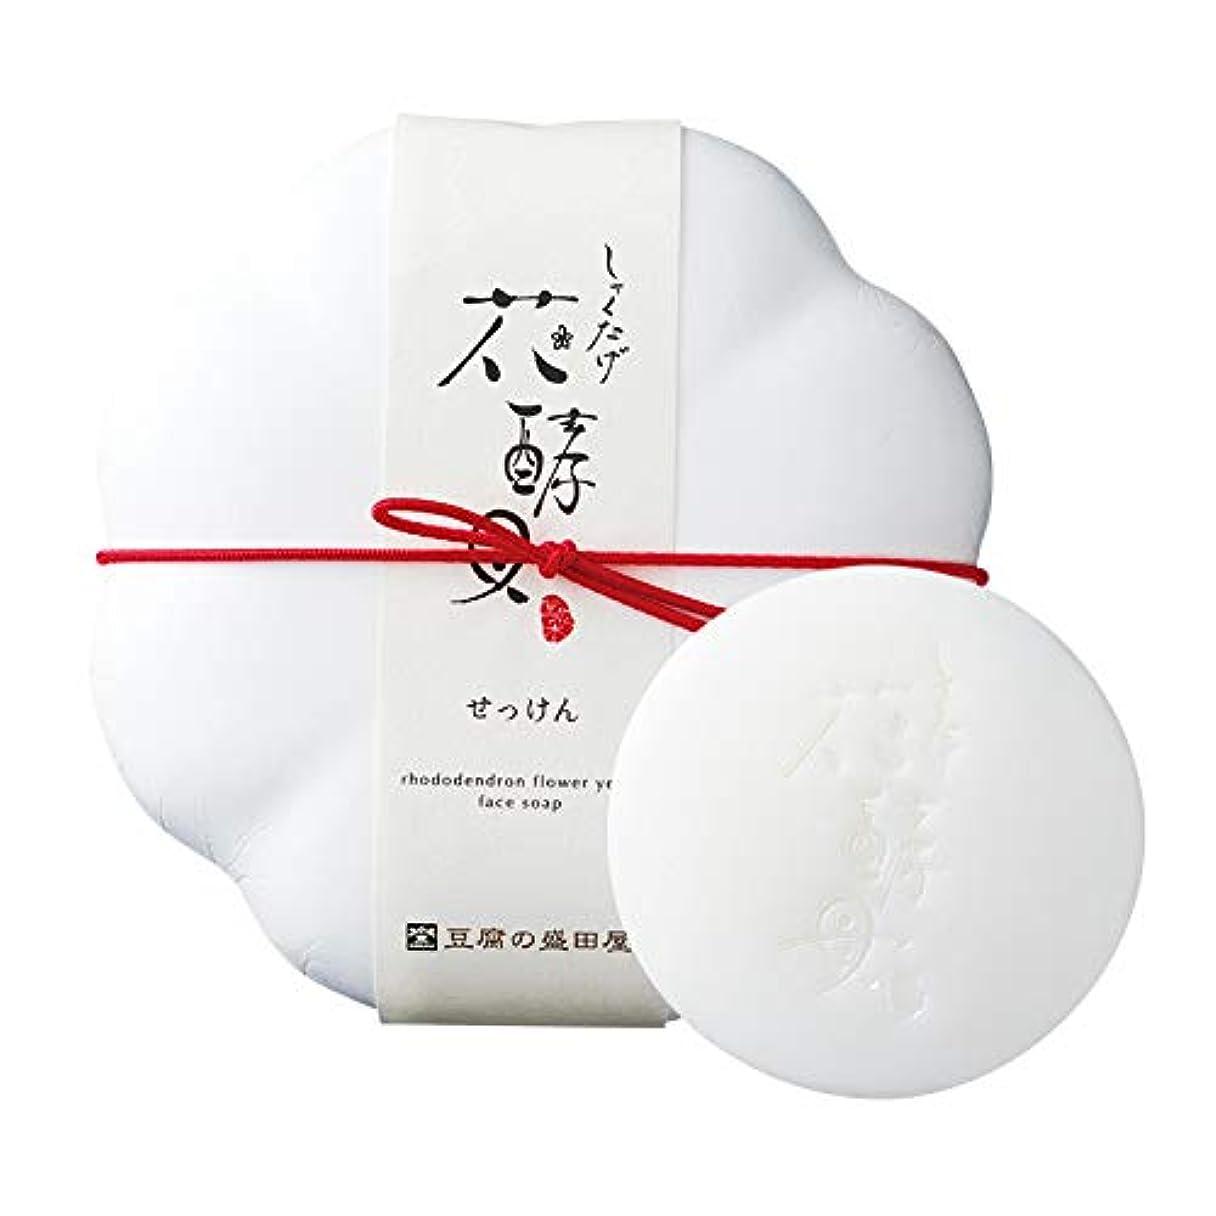 ポンド純正販売員豆腐の盛田屋 豆花水 しゃくなげ花酵母せっけん 50g